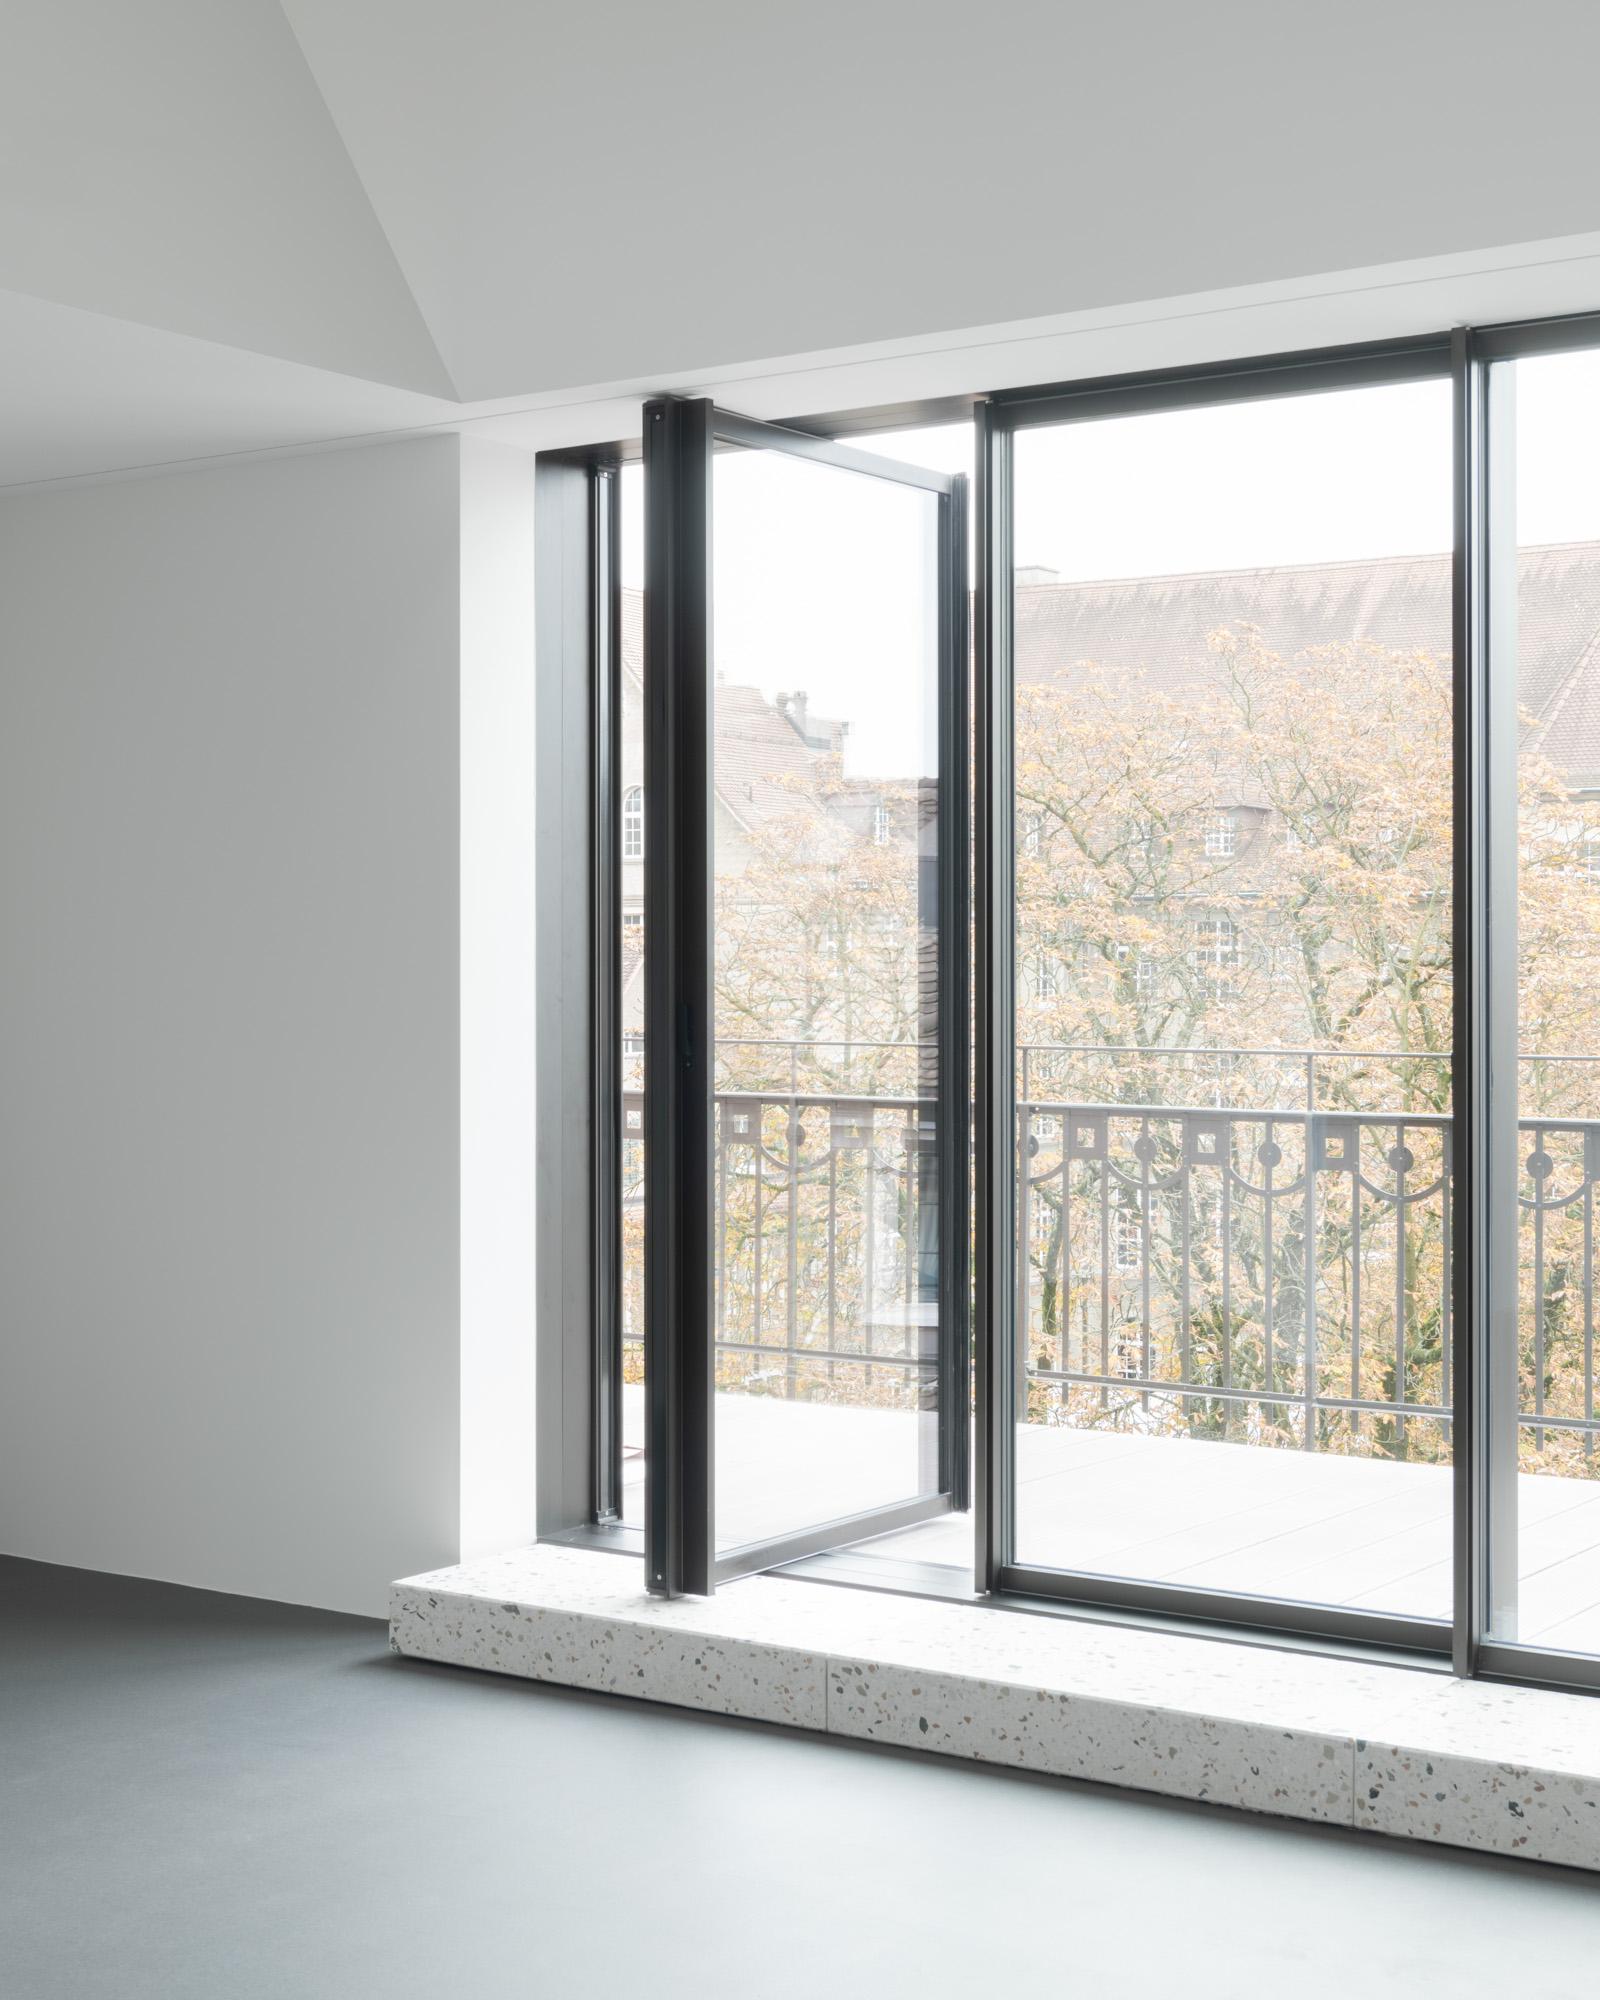 Umbau Wohnhaus Zürich: Pivotfenster Dachwohnung (Bild Mikael Blomfelt)